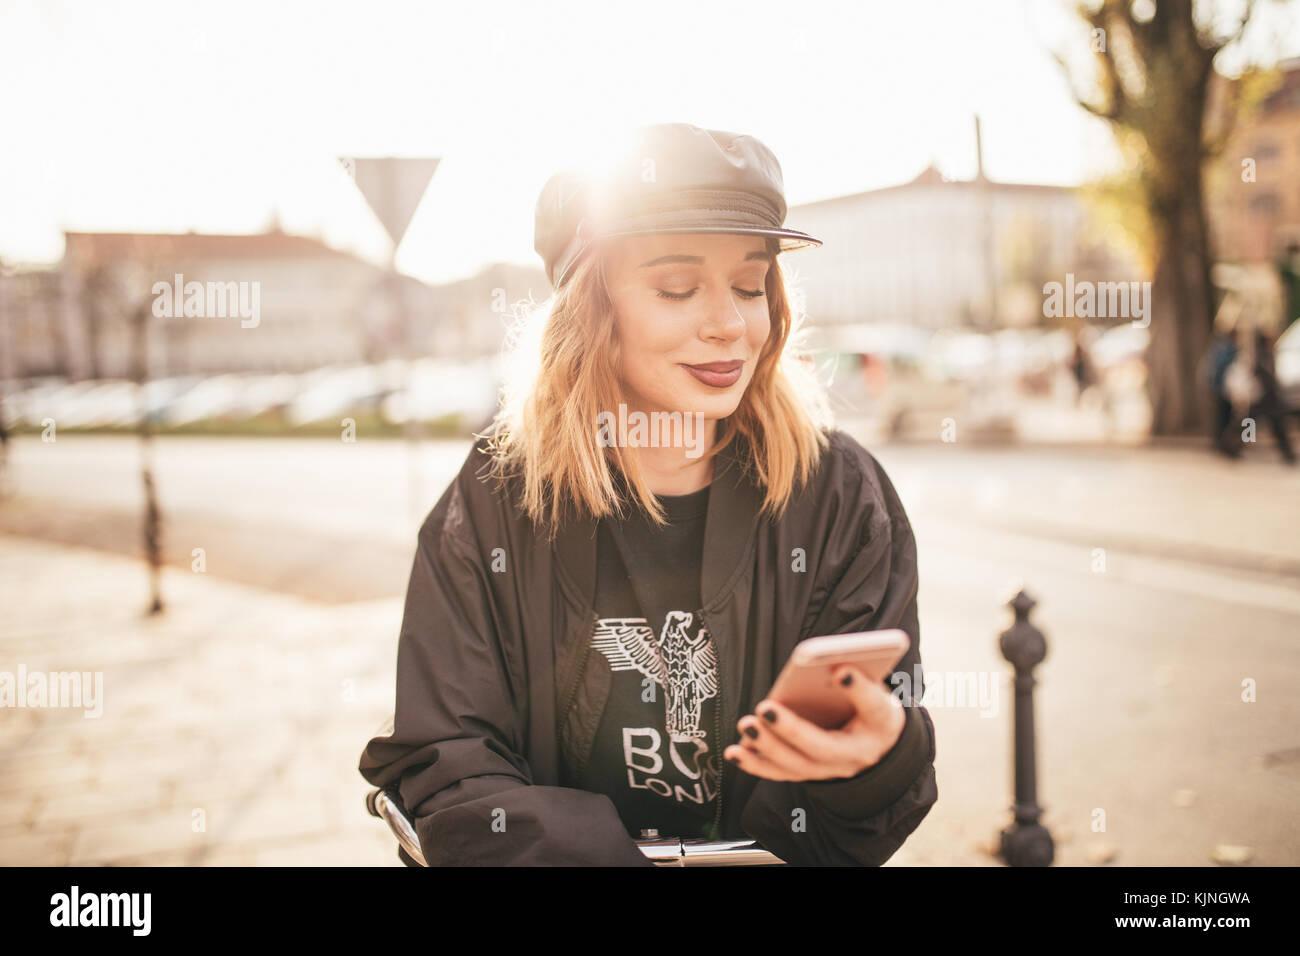 Belle fille de sms sur son téléphone portable dans les rues de la ville Photo Stock